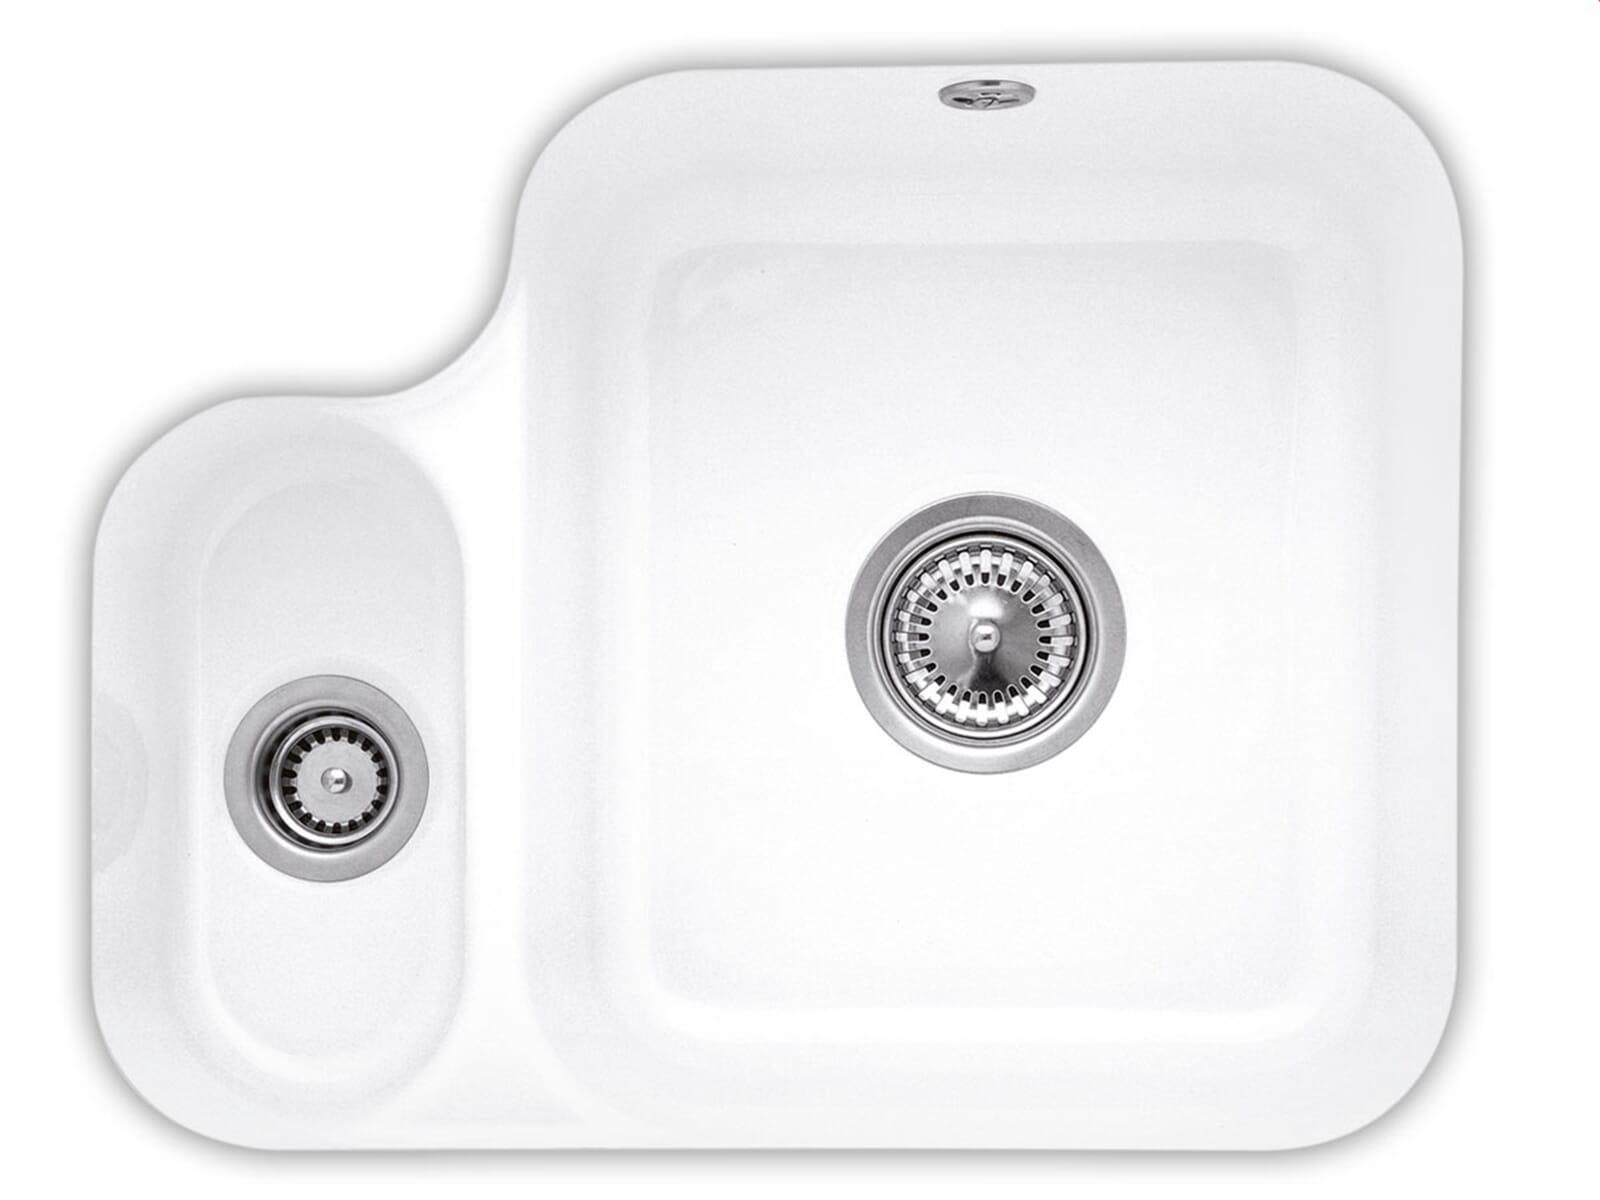 Villeroy & Boch Cisterna 60B Snow White - 6702 01 KG Keramikspüle Handbetätigung